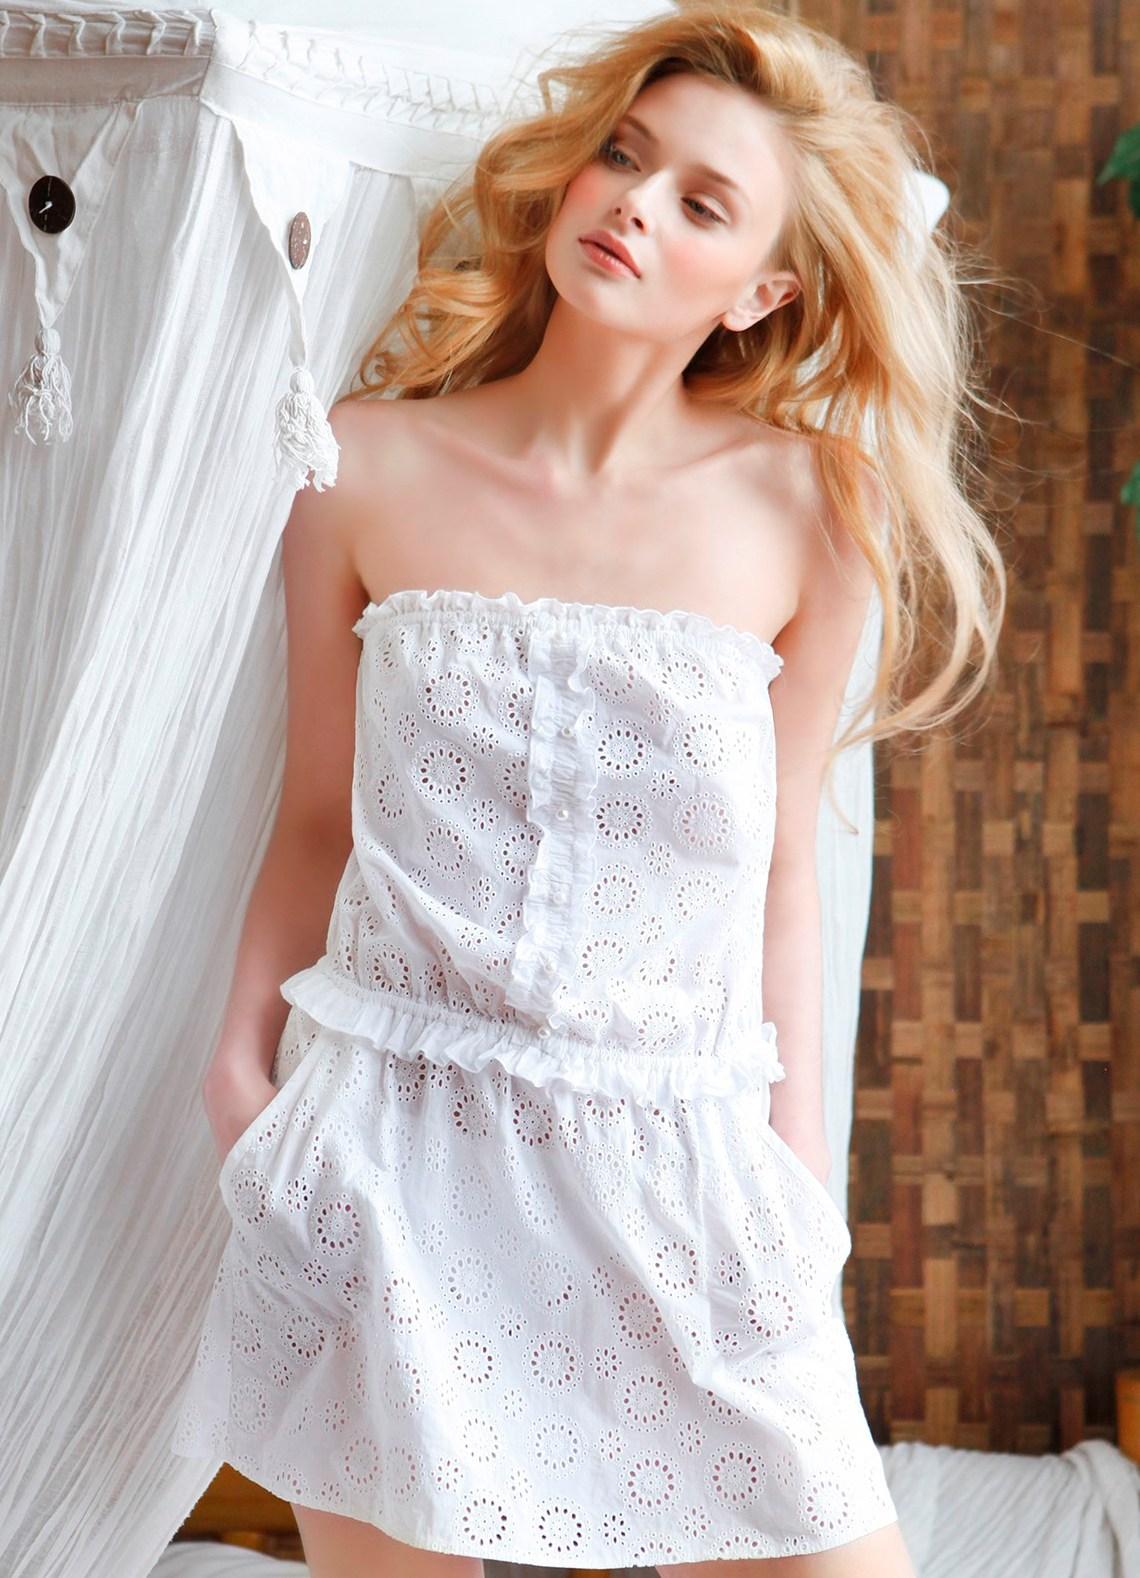 Просмотр фото жена не одела трусики под прозрачное платье 26 фотография